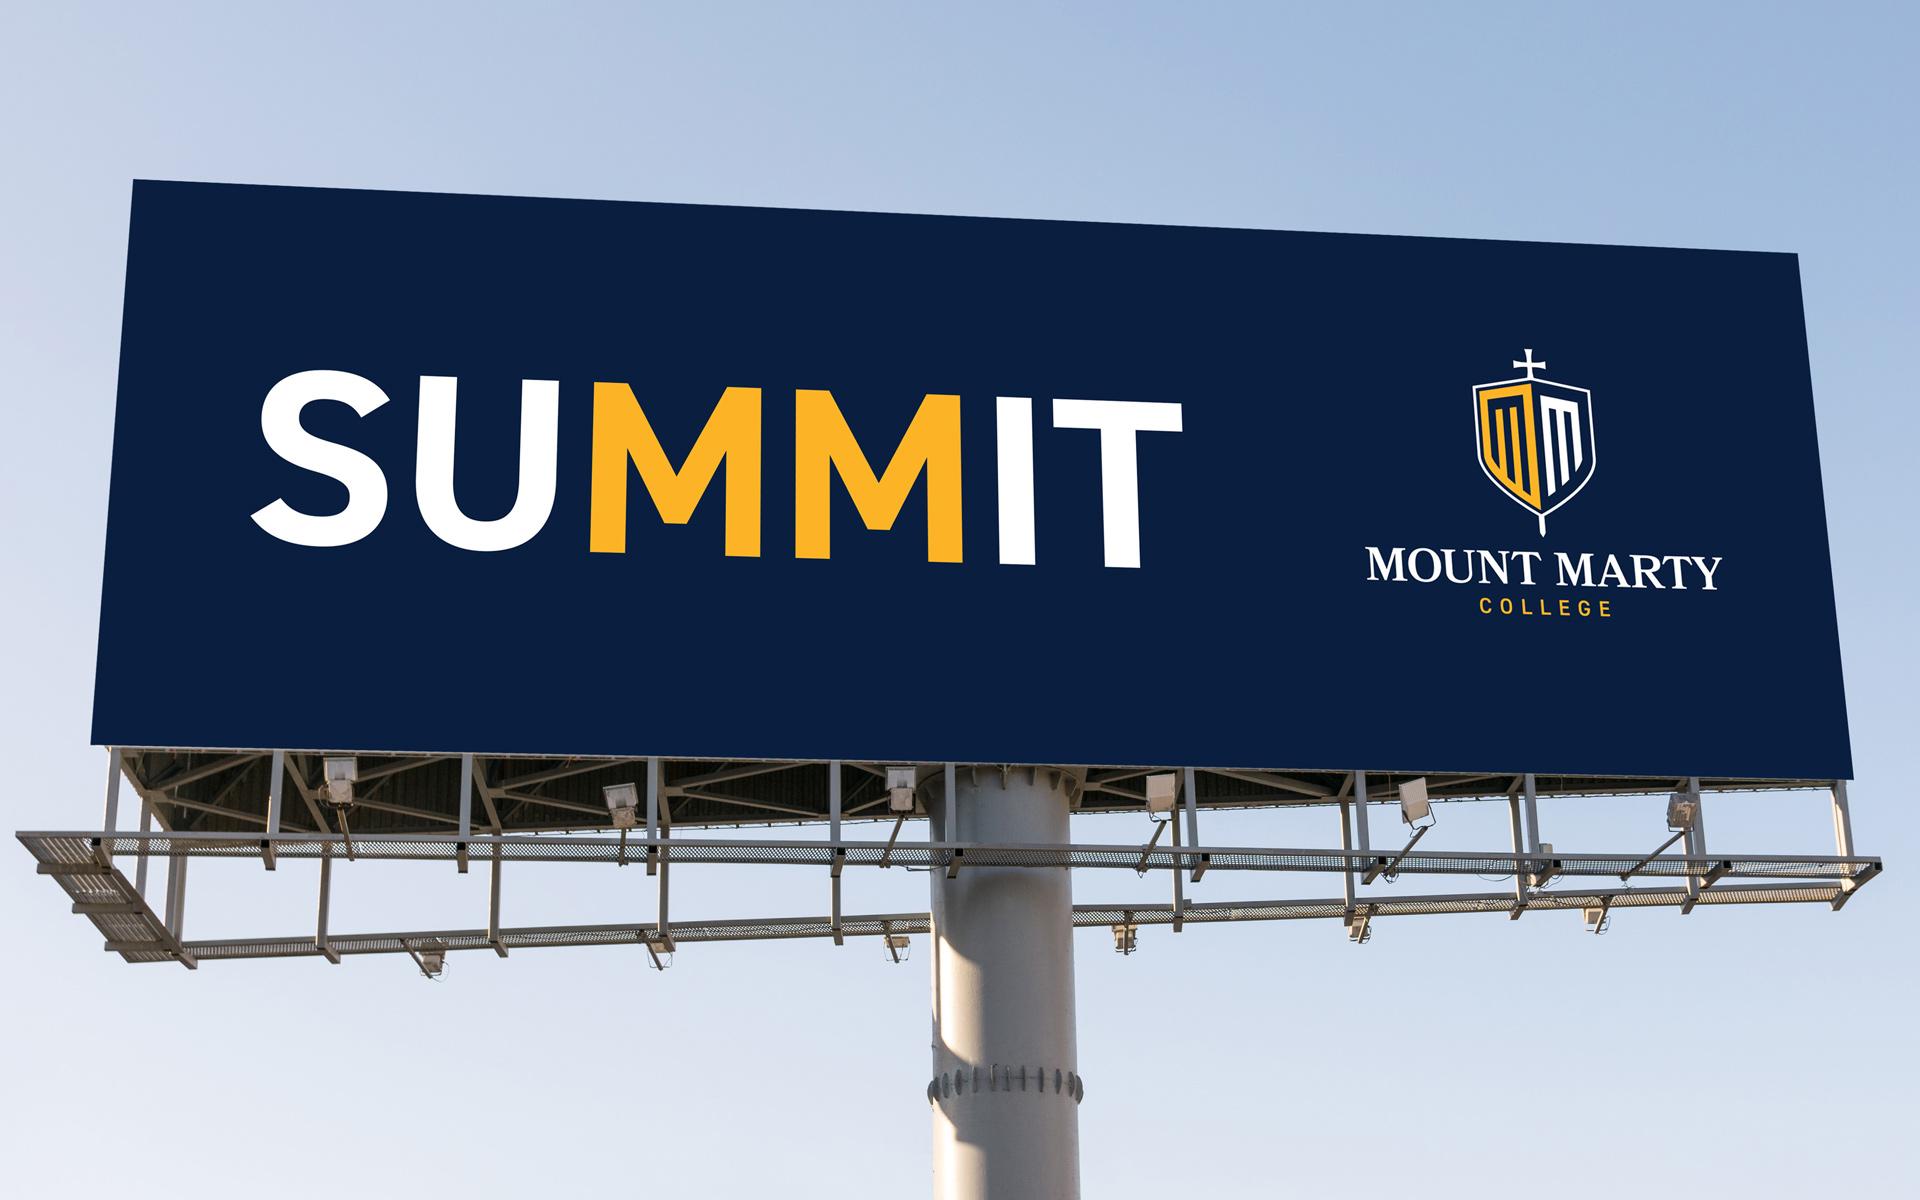 Mount Marty billboard